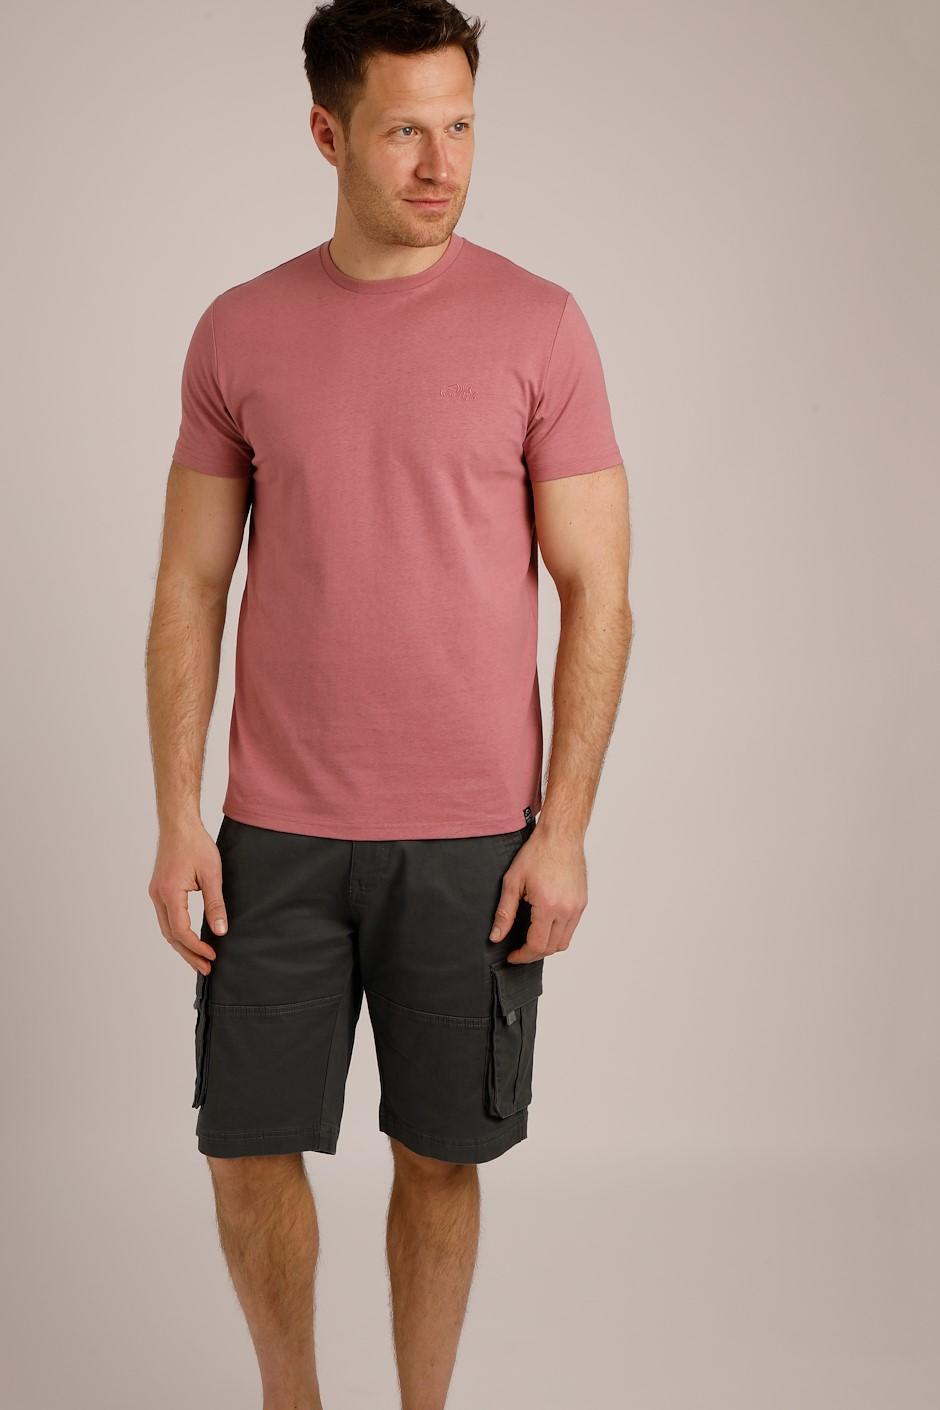 Fished Plain Branded T-Shirt Desert Rose